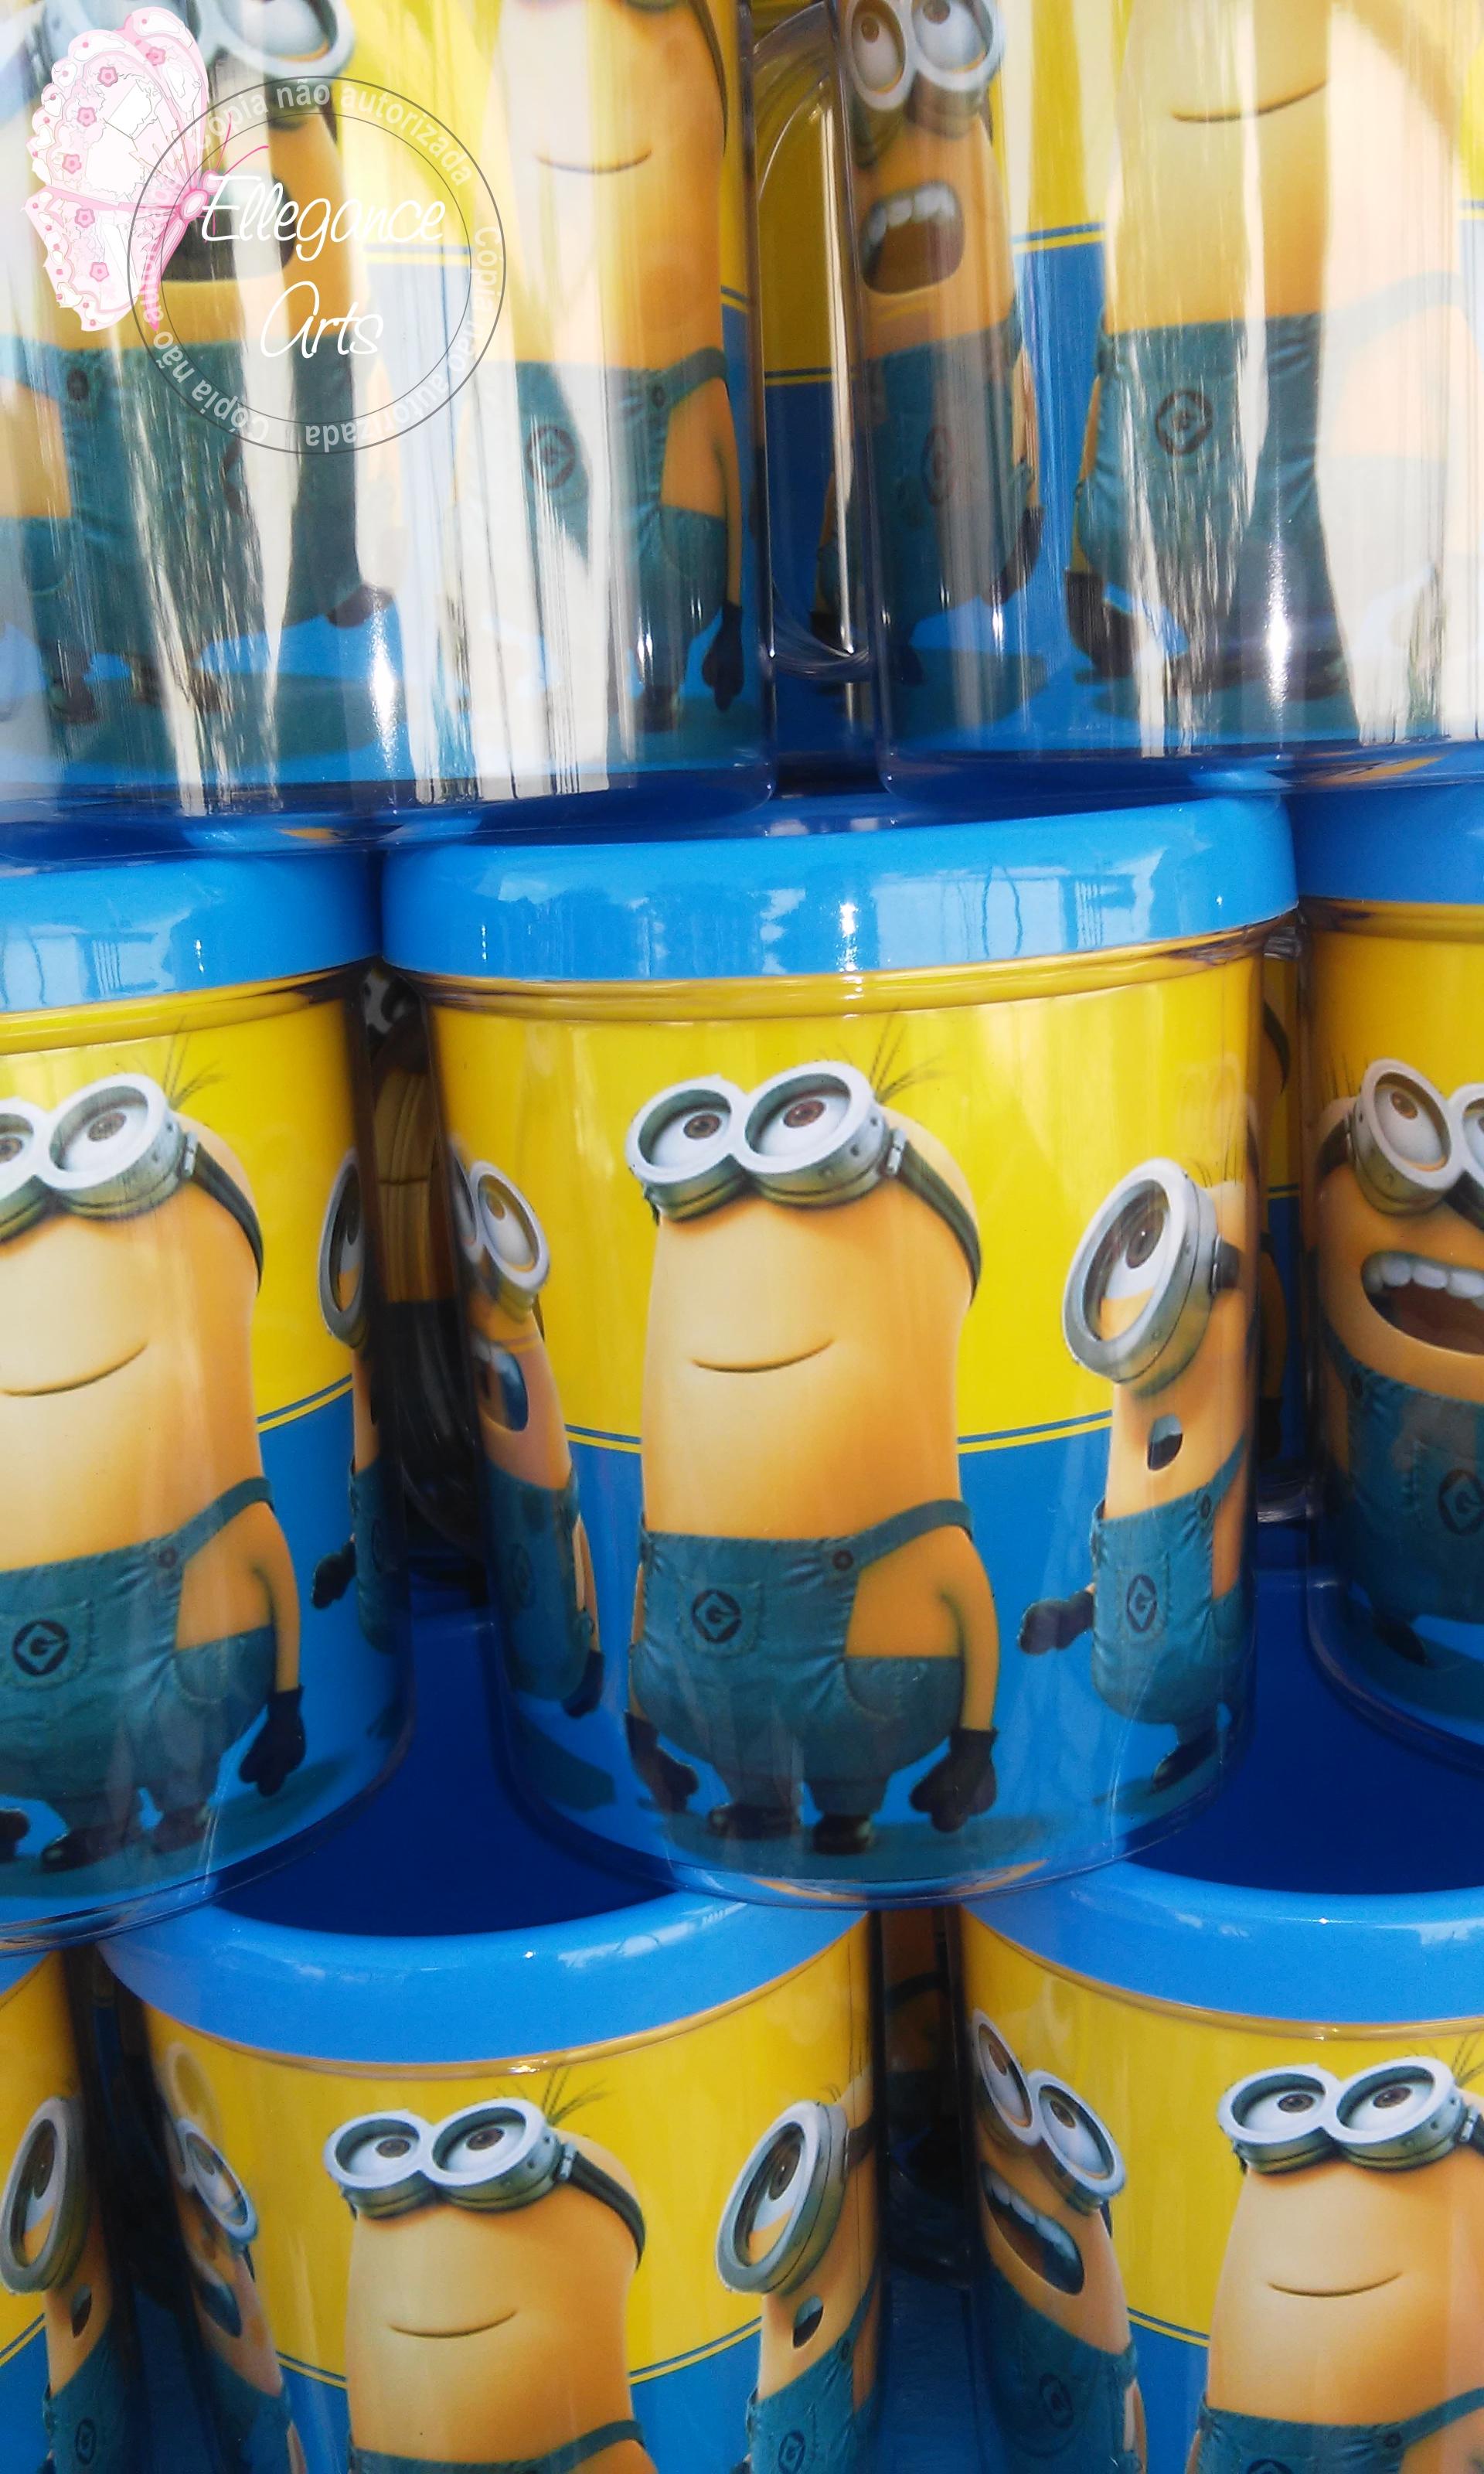 festa minions tudo dos minions festa dos minions lembrancinha dos minions  convite minions decoração festa minions